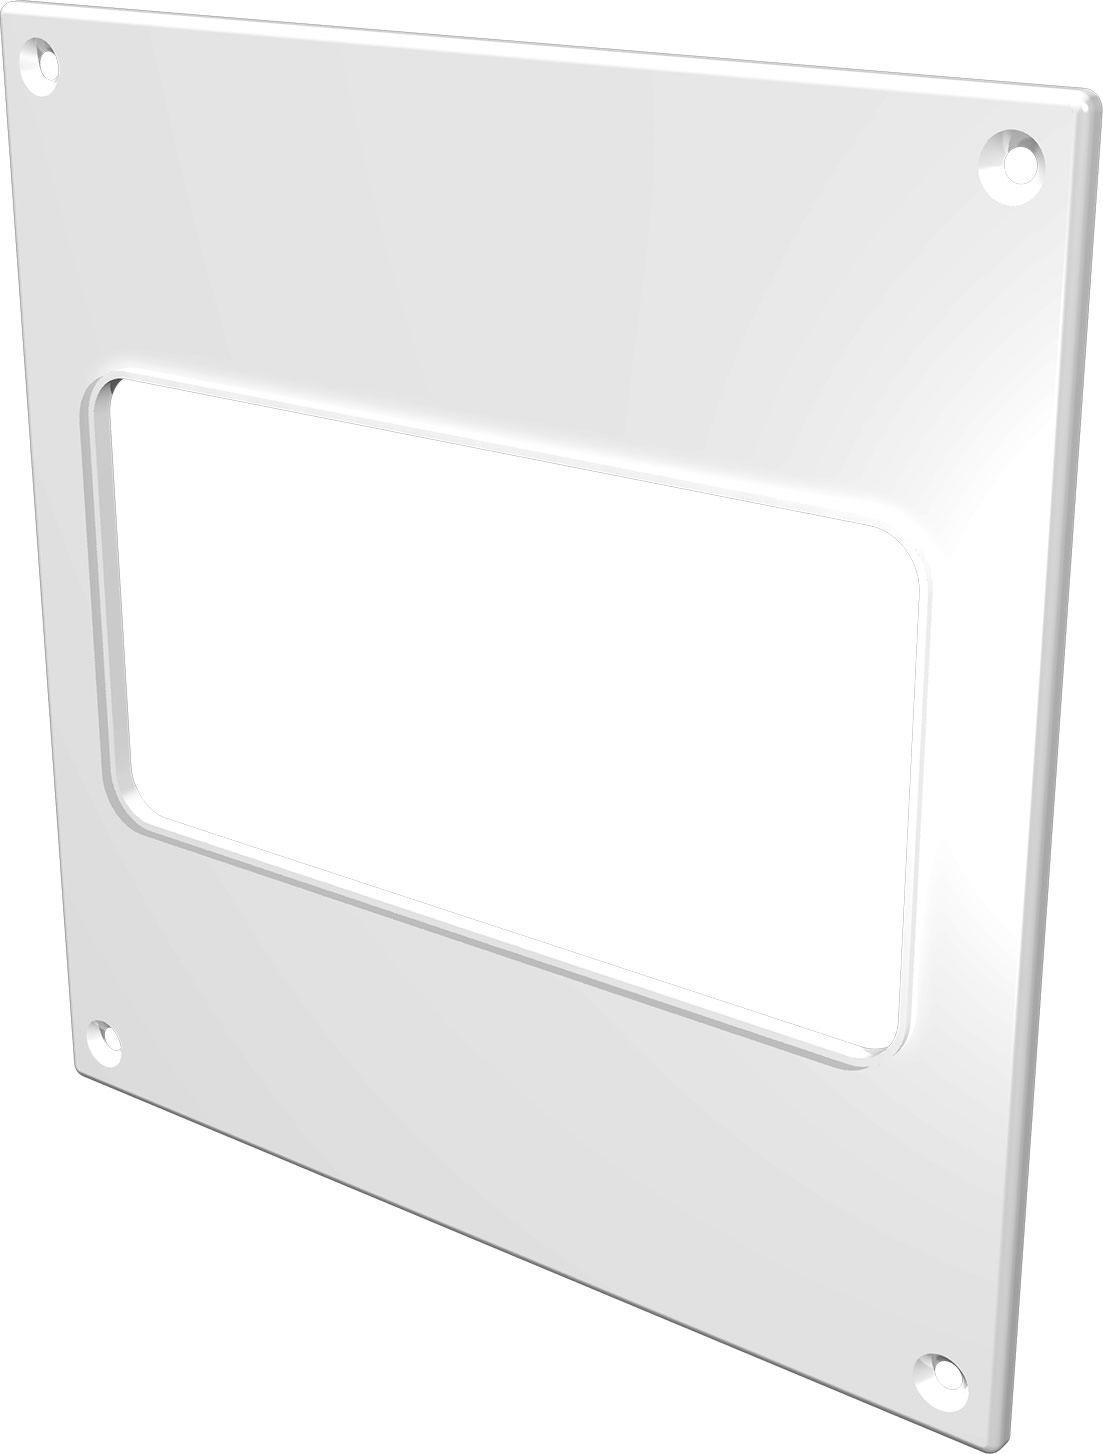 Накладка торцевая ERA, 620НПП, белый, для воздуховода 6 х 20,4 см накладка торцевая пластик 150х150 для воздуховода d100